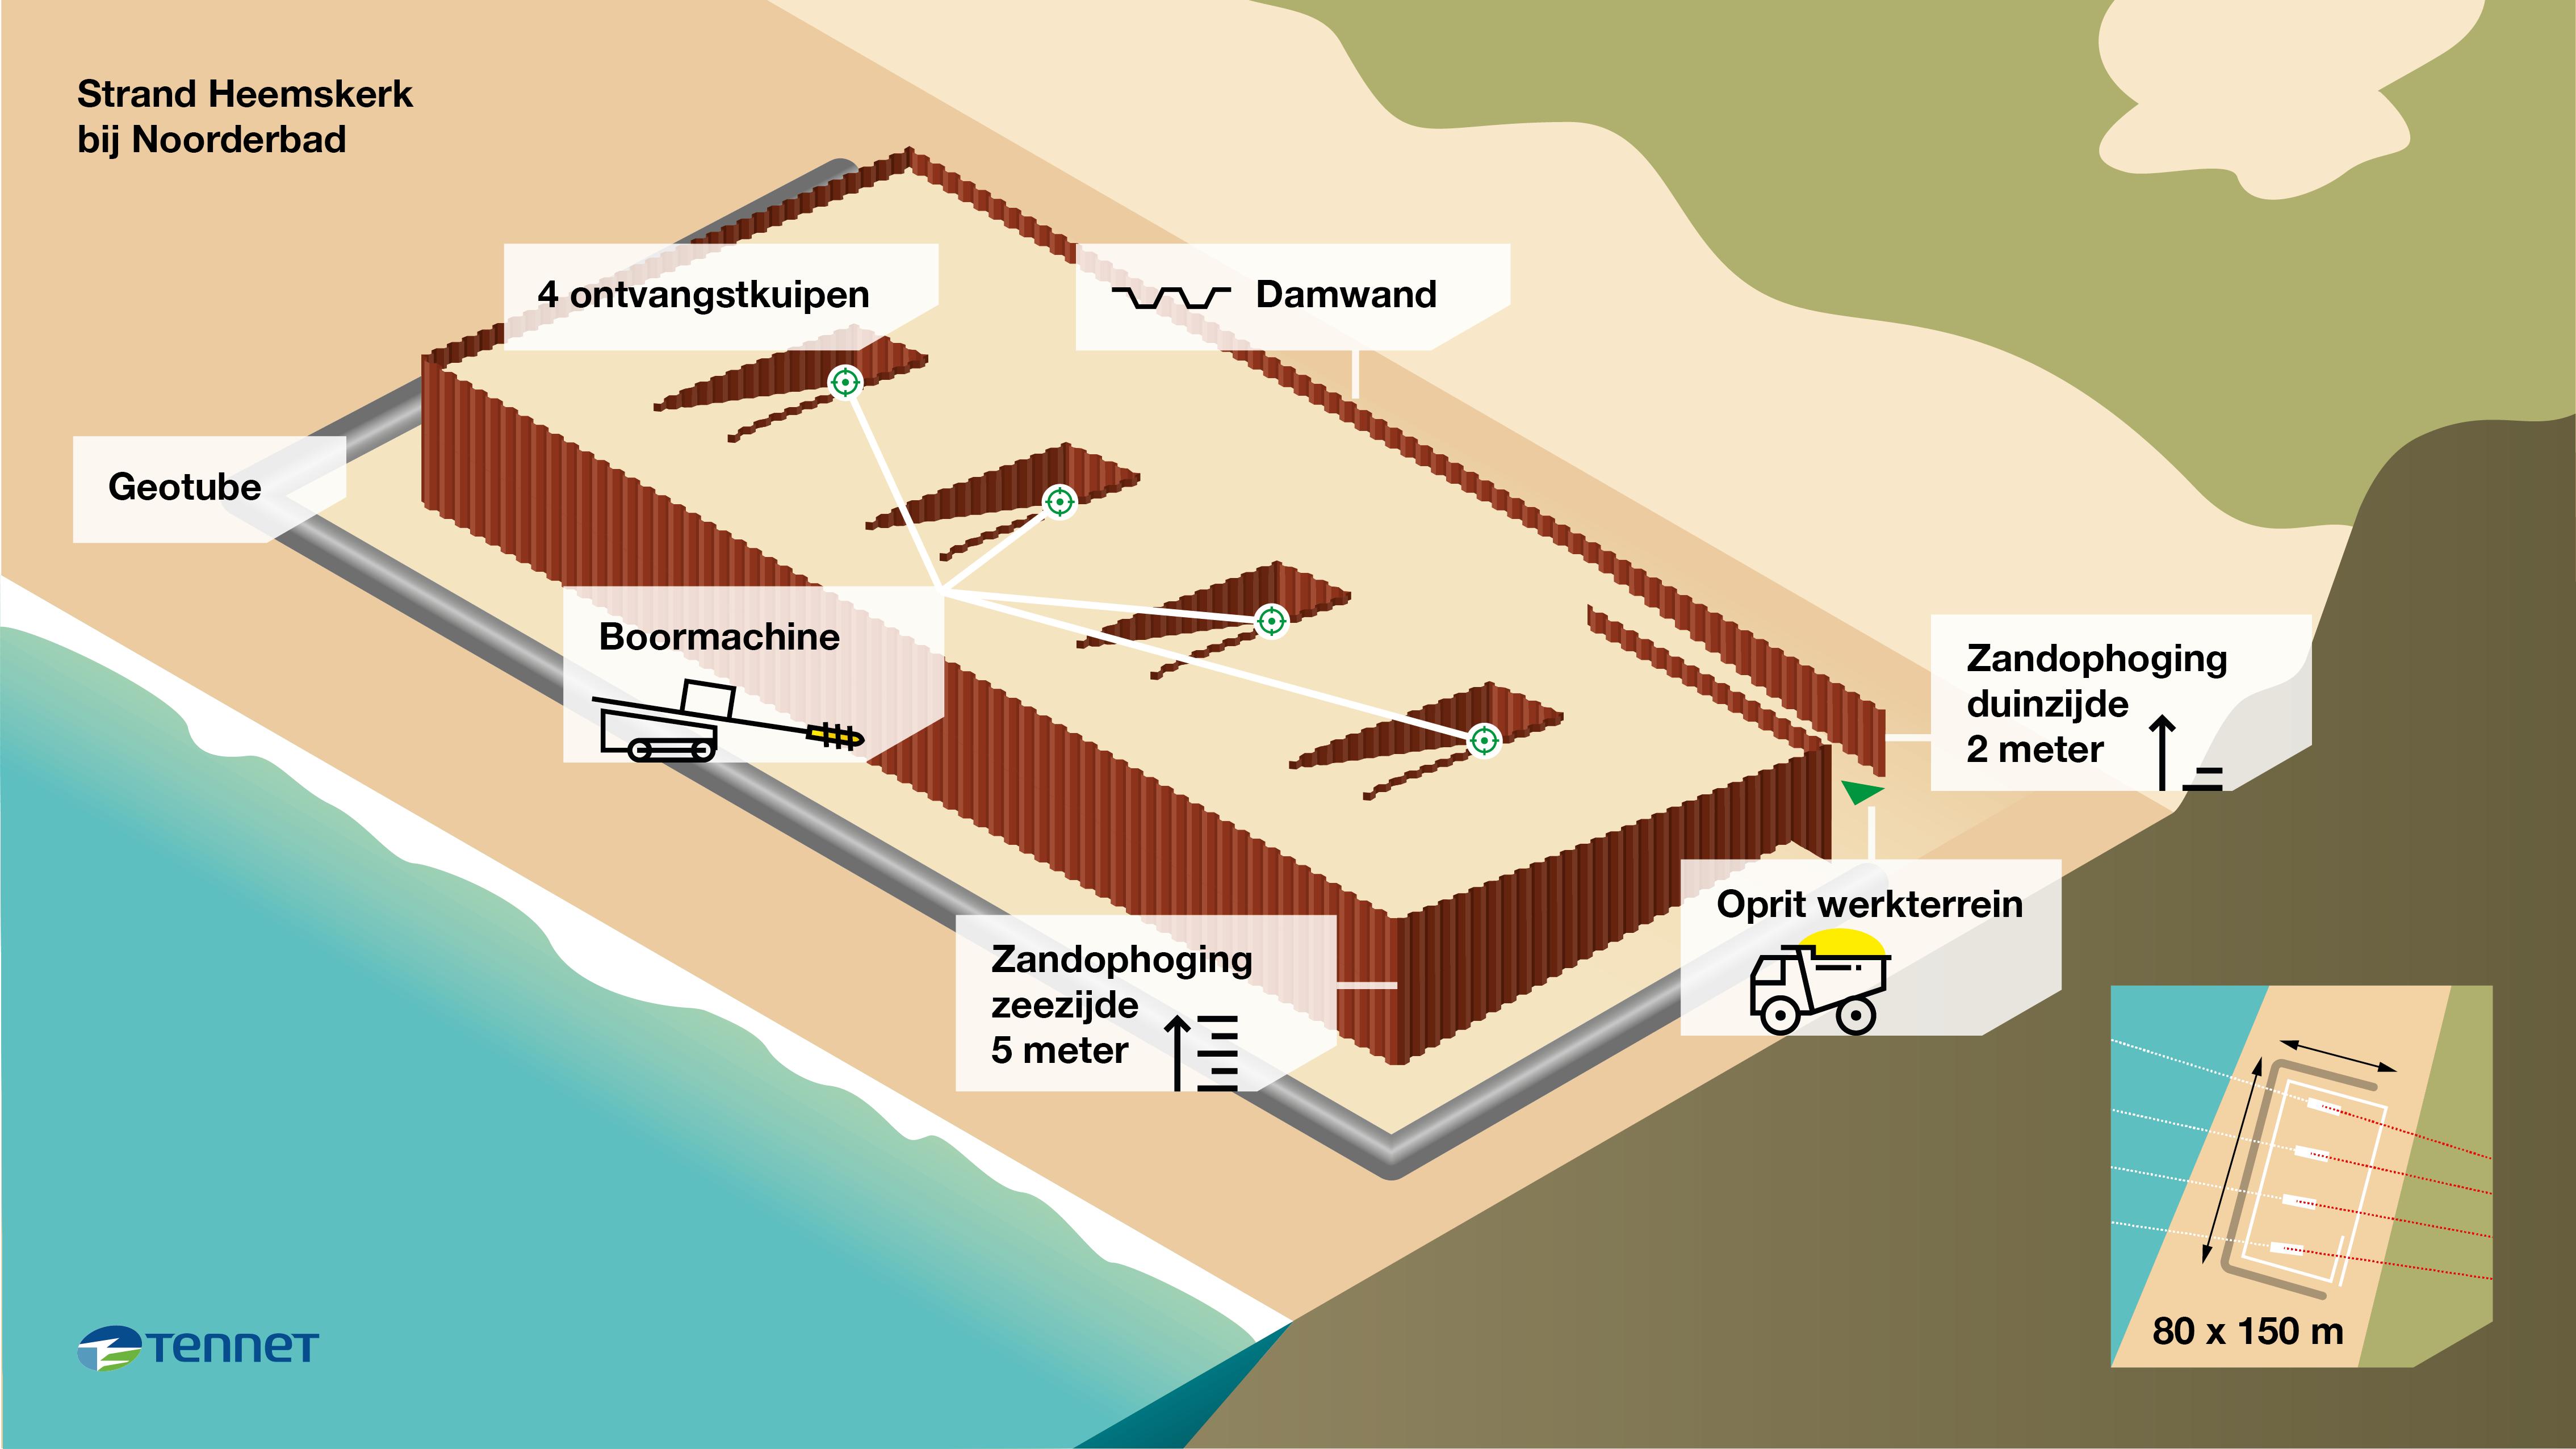 Mag Tennet 50 duizend kuub strandzand gebruiken voor een strandwerkterrein in Wijk aan Zee? Deze week hakken Rijkswaterstaat en het Hoogheemraadschap de knoop daarover door